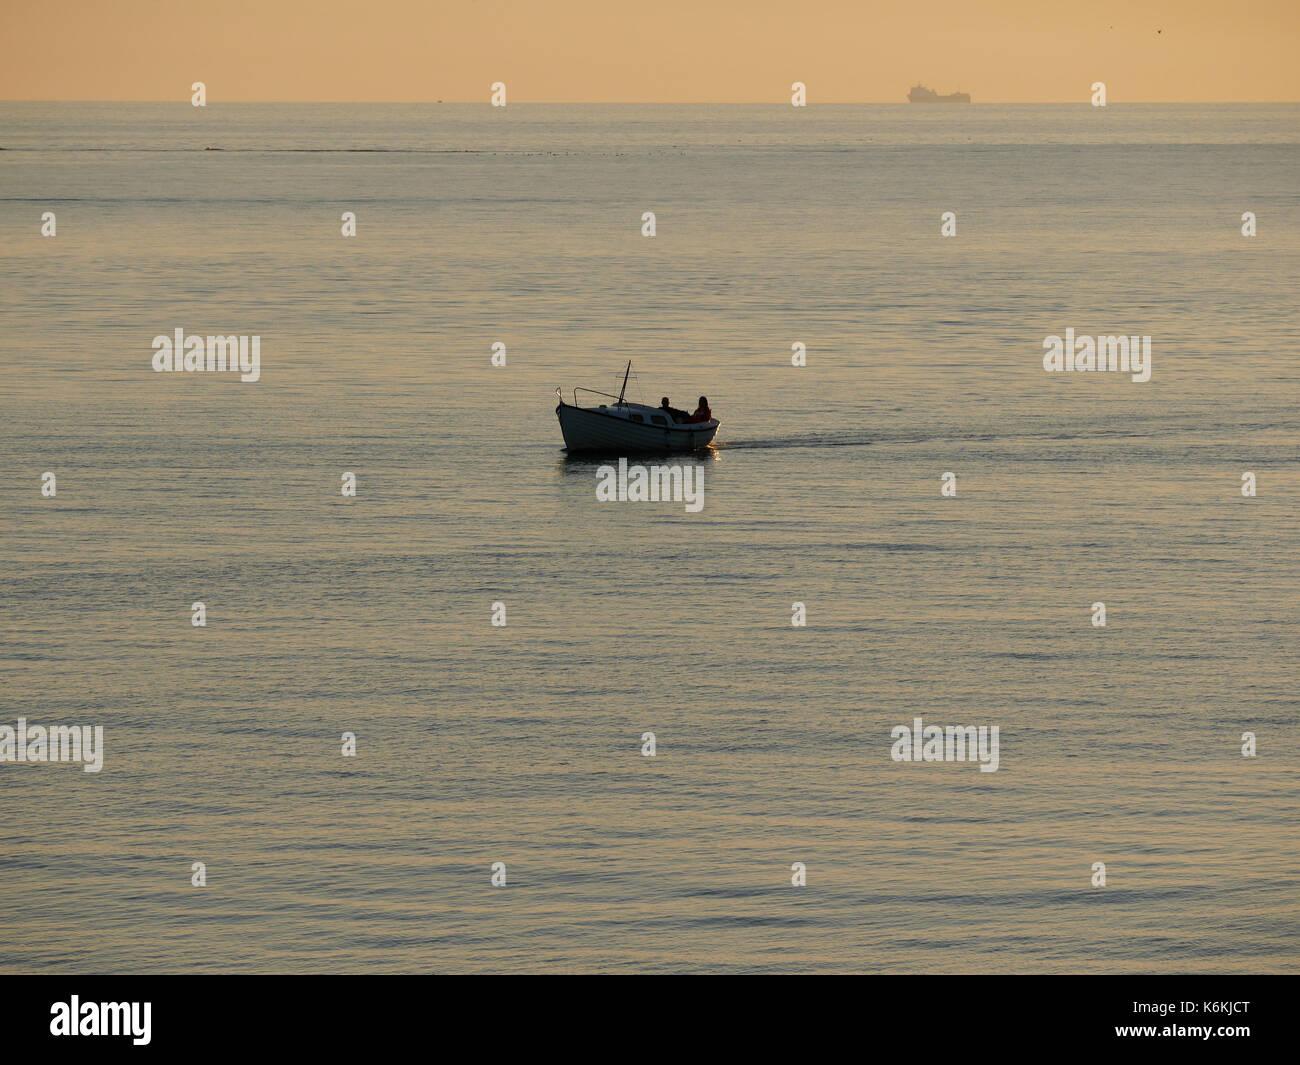 Tramonto a Hönö, Klåva, nell'arcipelago di Goteborg. Barca con due persone al passaggio, nave di trasporto in background. Foto Stock